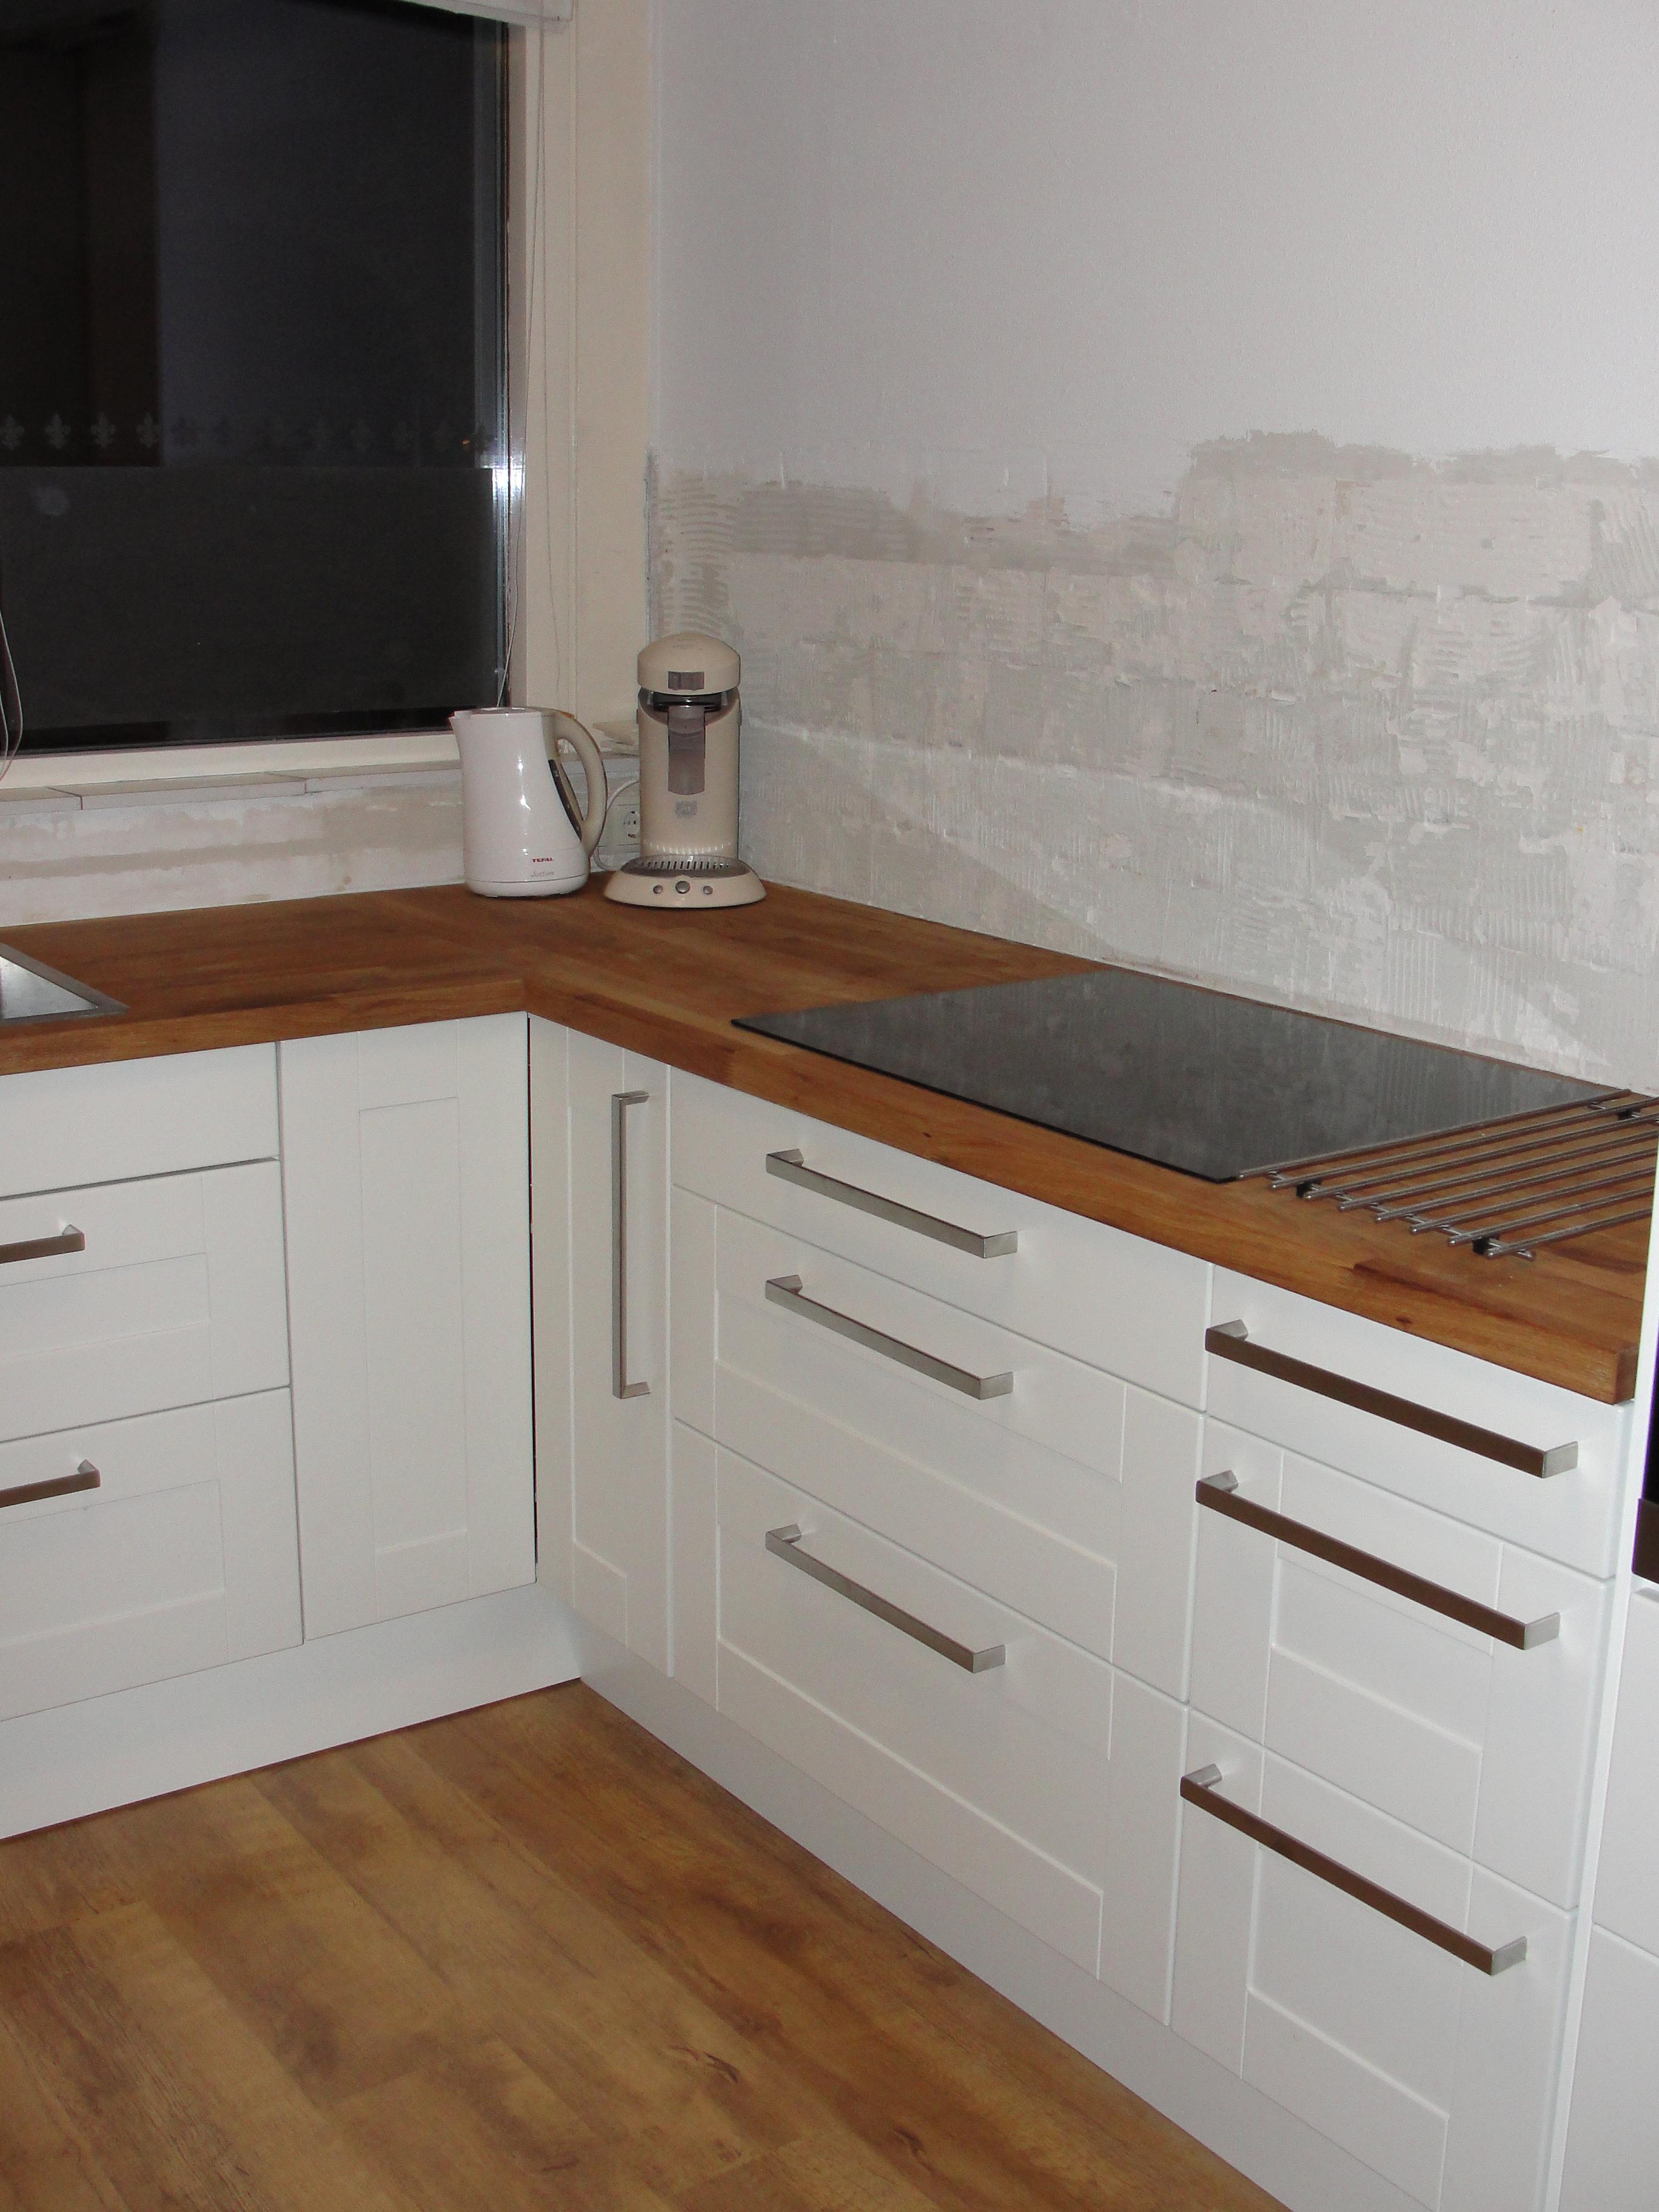 Ikea Keuken Uitzoeken : 20100912223044 Keuken bijna af